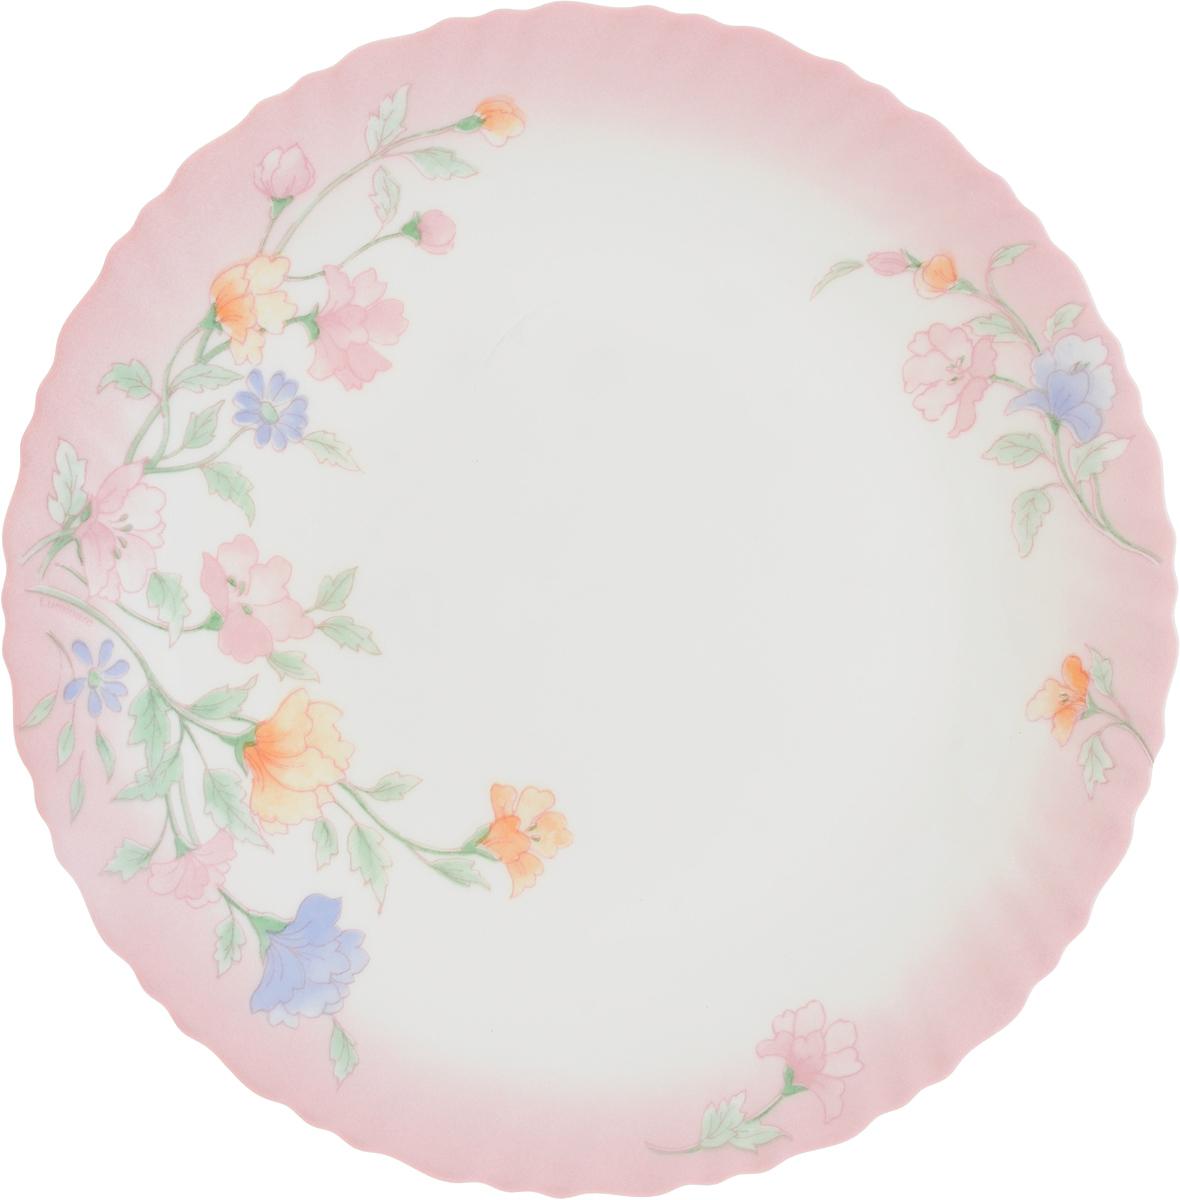 """Тарелка обеденная Luminarc """"Elise"""", декорированная нежным цветочным рисунком, изготовлена из высококачественного ударопрочного стекла. Изделие устойчиво к повреждениям и истиранию, в процессе эксплуатации не впитывает запахи и сохраняет первоначальные краски. Посуда Luminarc обладает не только высокими техническими характеристиками, но и красивым эстетичным дизайном. Luminarc - это современная, красивая, практичная столовая посуда. Такая тарелка идеально подходит для красивой сервировки вторых блюд. Можно мыть в посудомоечной машине."""